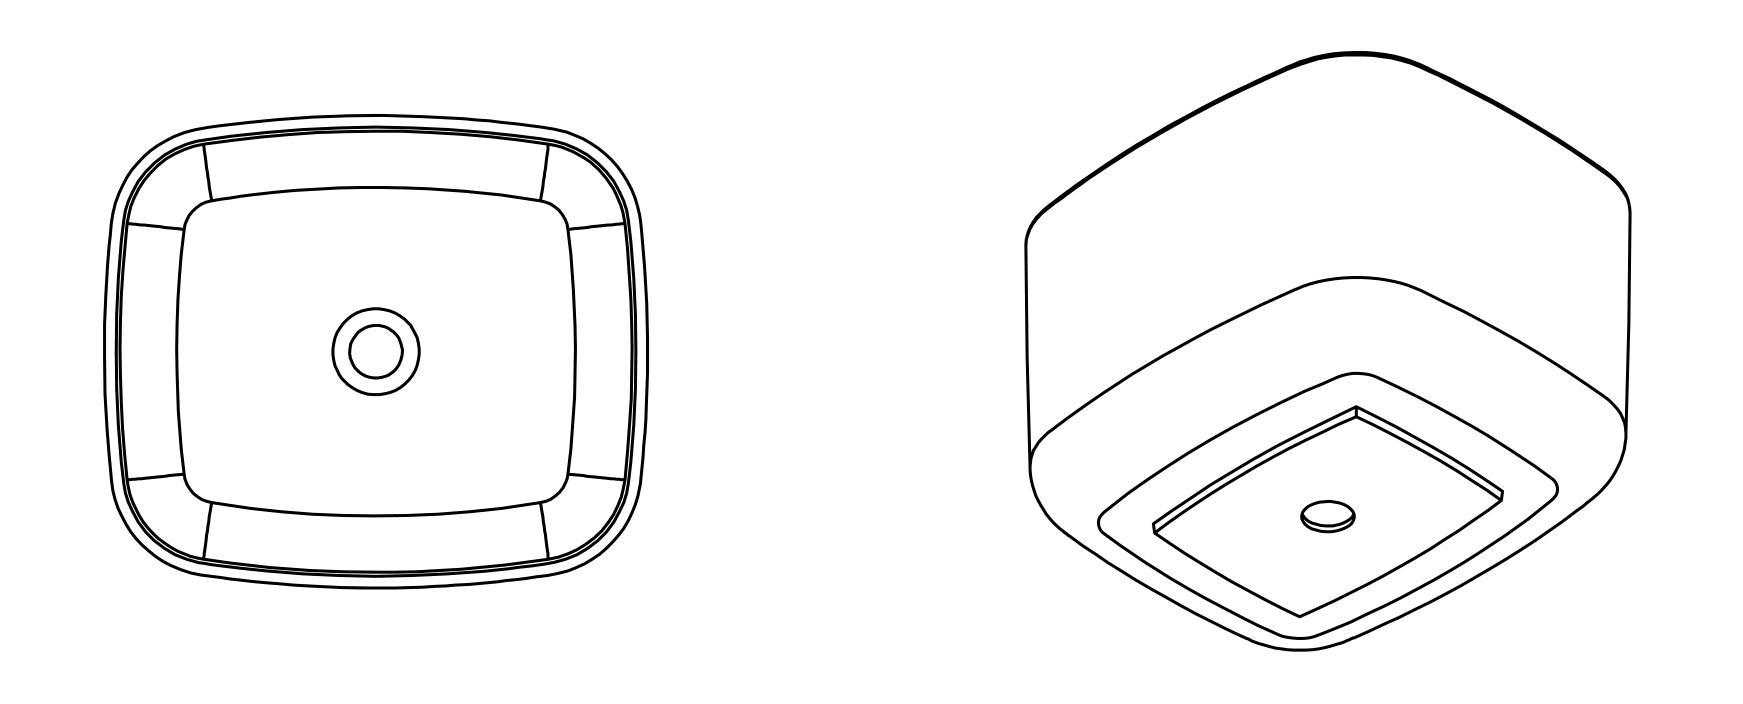 Aufsatzwaschbecken PB2094 - Zeichnung 3